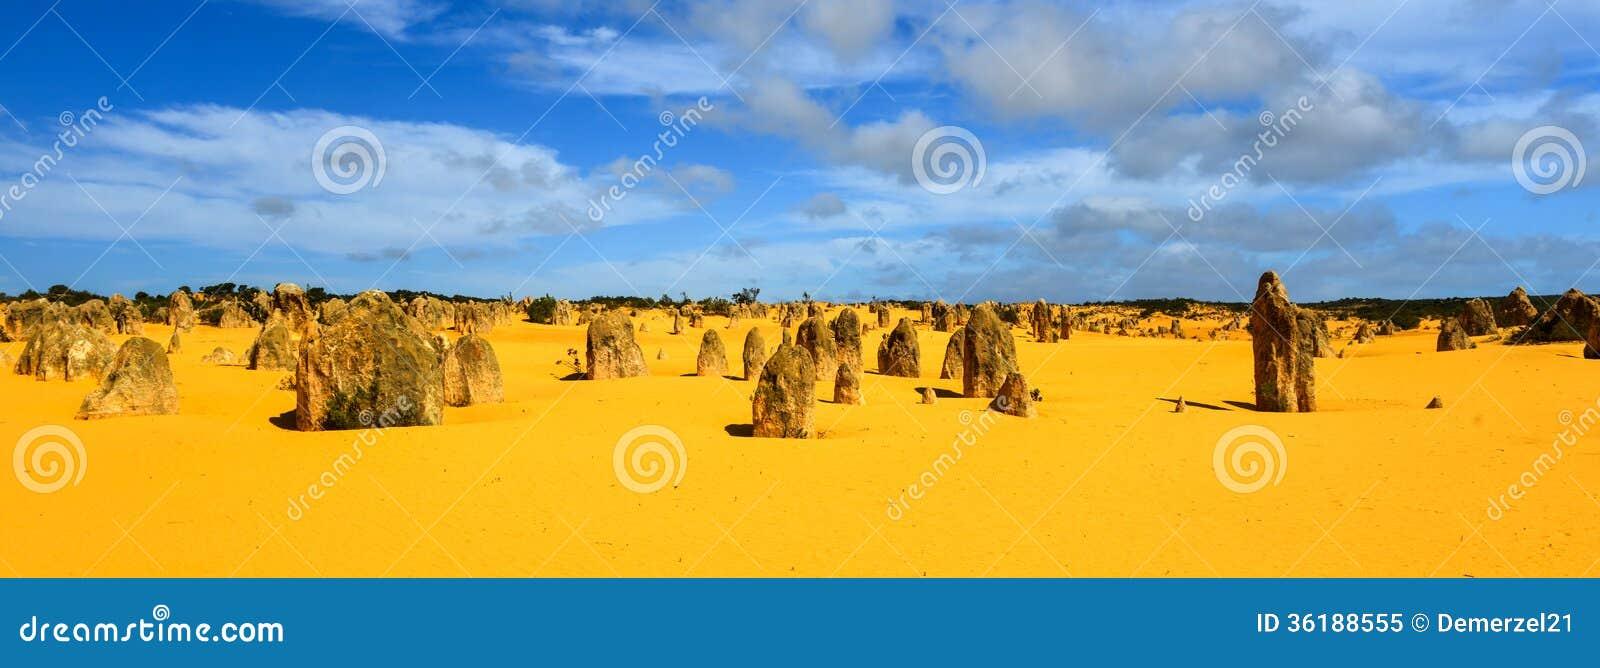 Башенкы пустыня, Австралия